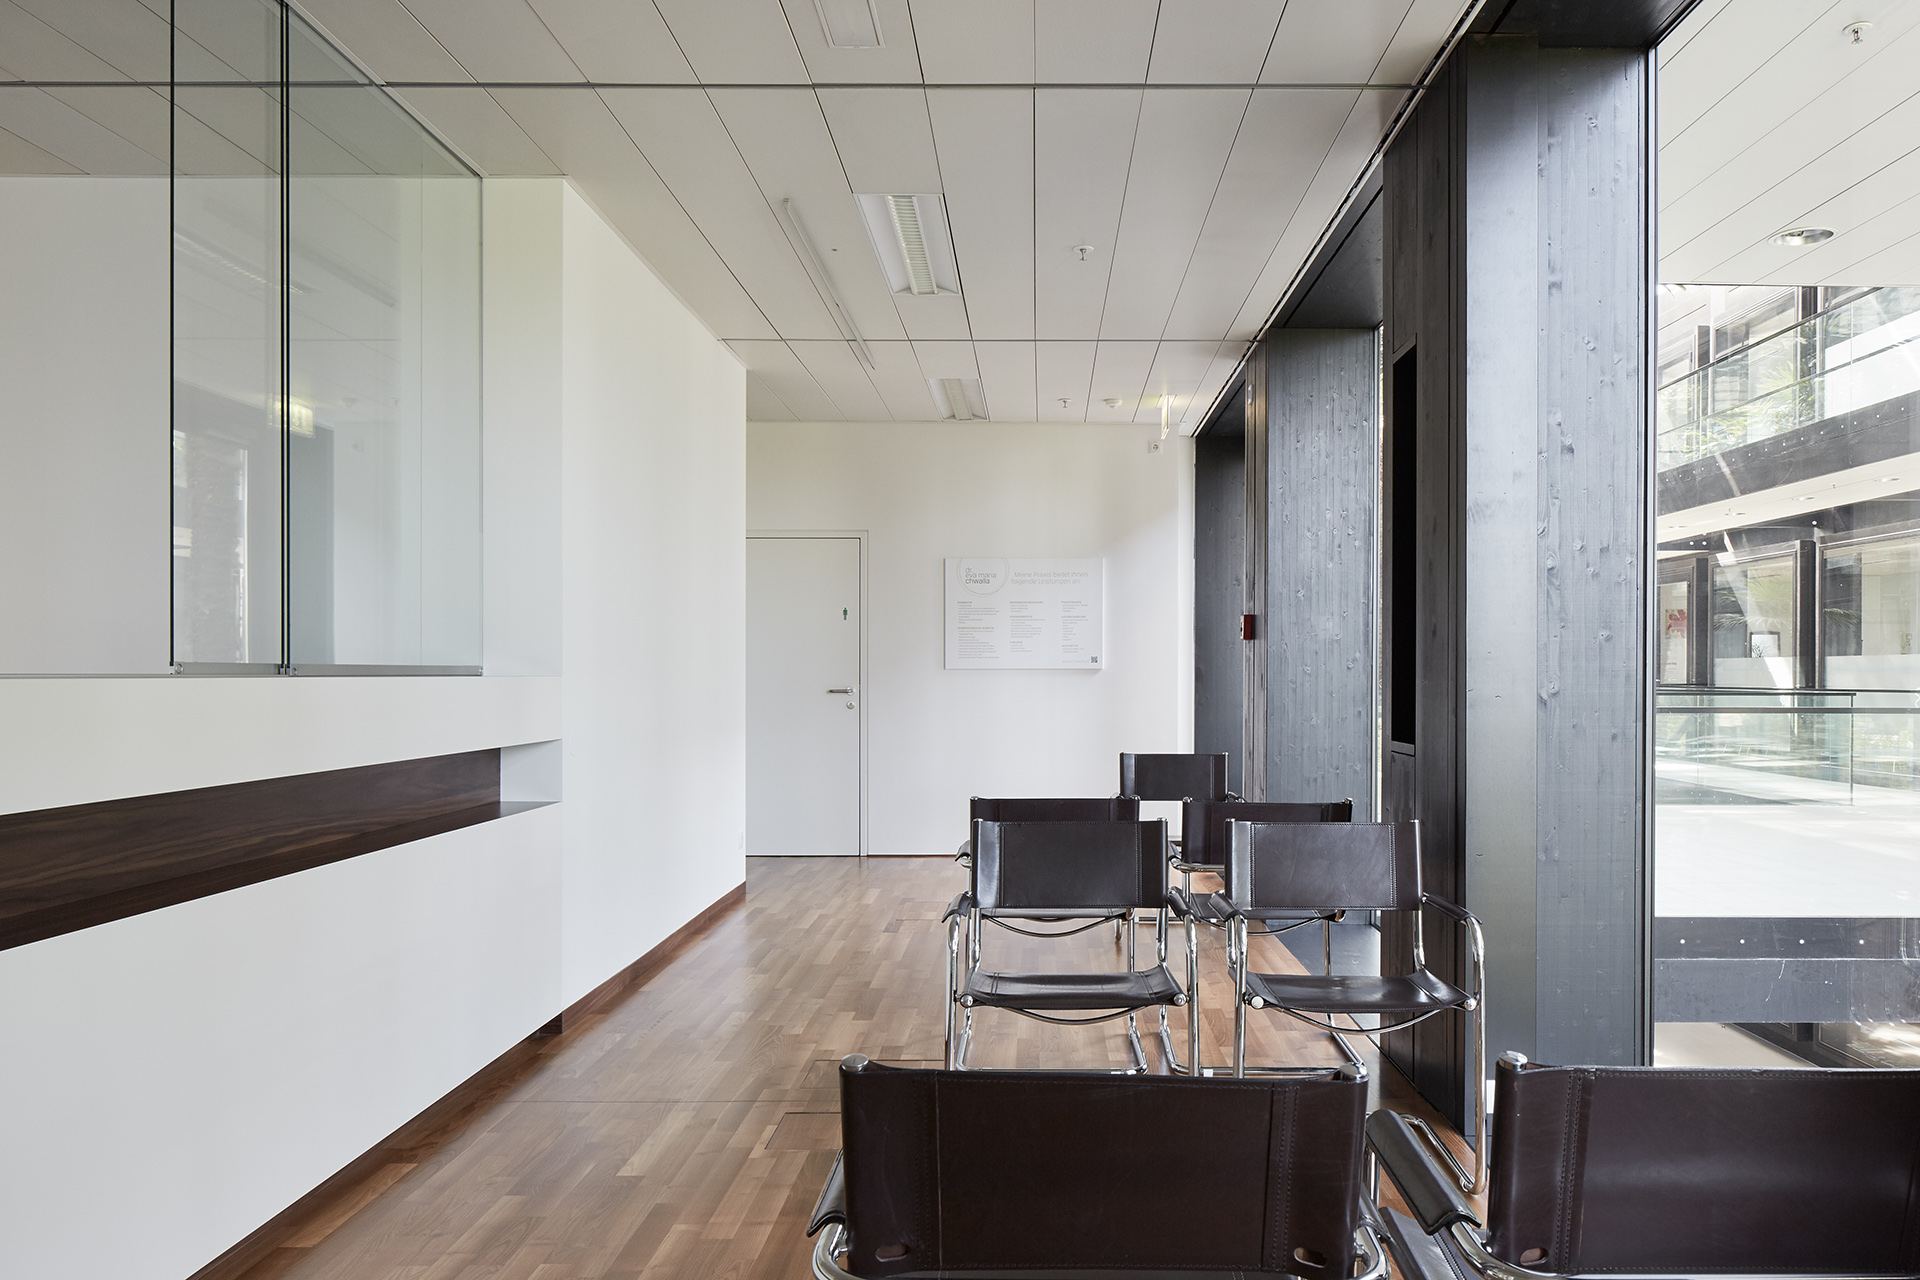 arztpraxis dr. chwalla – wolfgang ritsch architekten, Innenarchitektur ideen